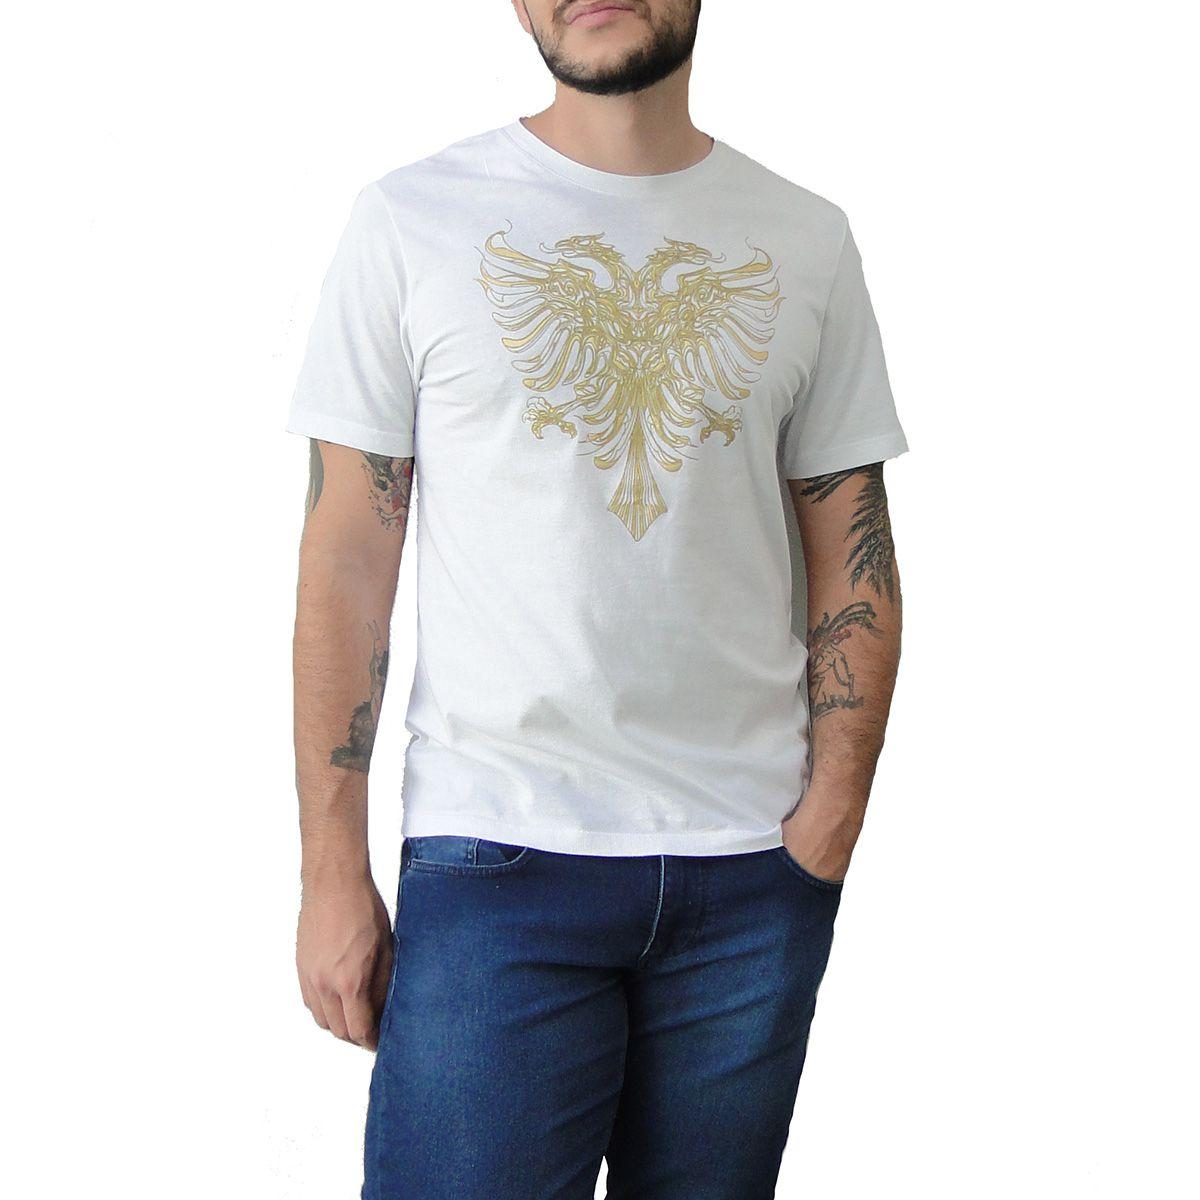 Camiseta Cavalera Masculina Aguia Dourada